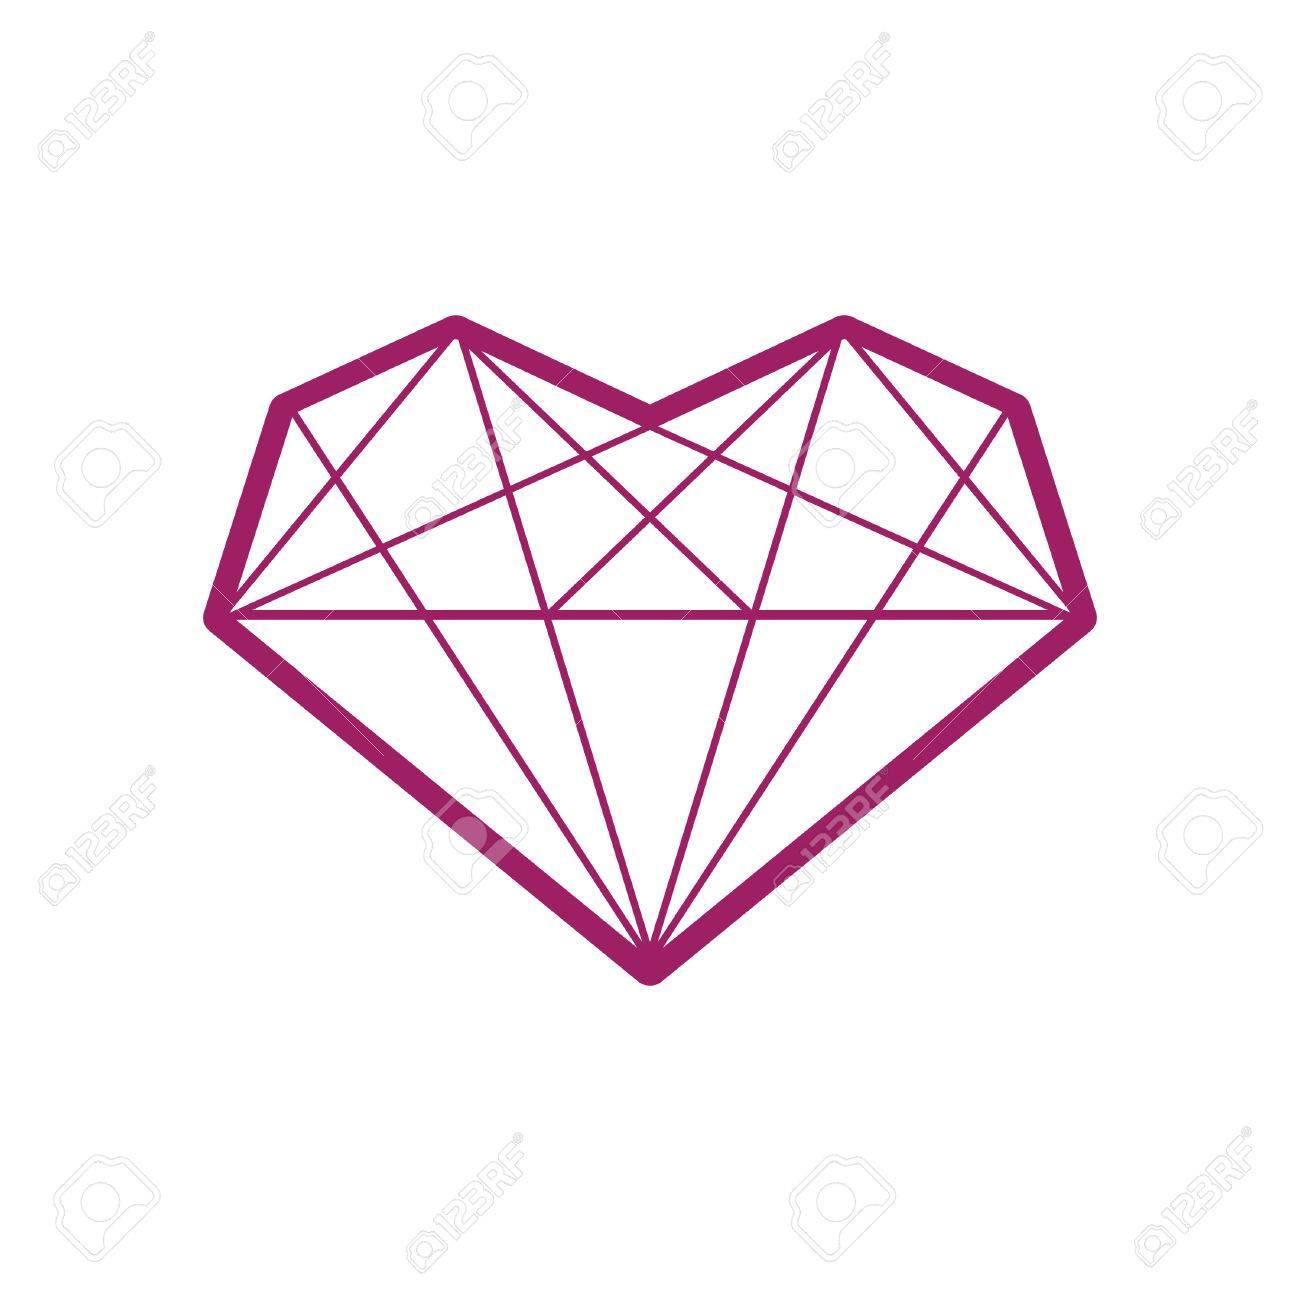 Diamond Heart Icon Diamond Heart Symbol Diamond Heart Template